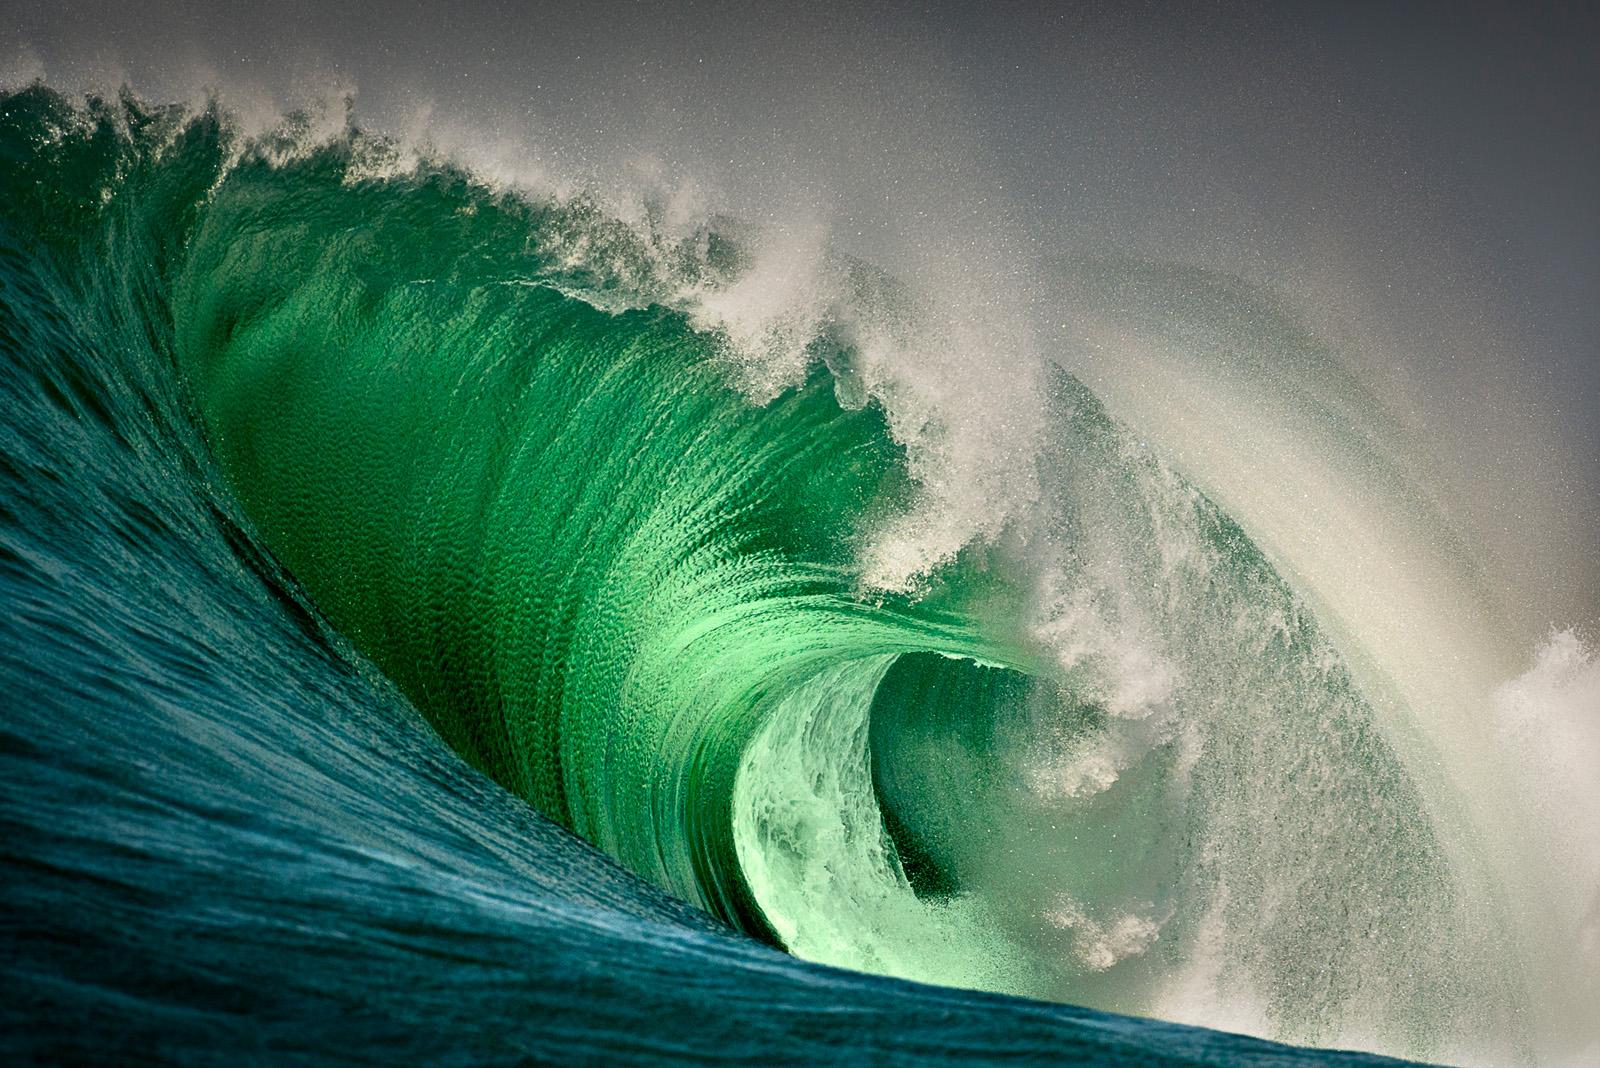 Příběhy divokého oceánu / Wild Ocean Stories  © George Karbus: Vlna se jménem Aileens se láme pod obrovskými útesy Cliffs of Moher a je Mekkou světového surfingu. Západní pobřeží Irska / Wave called Aileens breaks under the massive Cliffs of Moher, the Mecca of world surfing. West Coast of Ireland